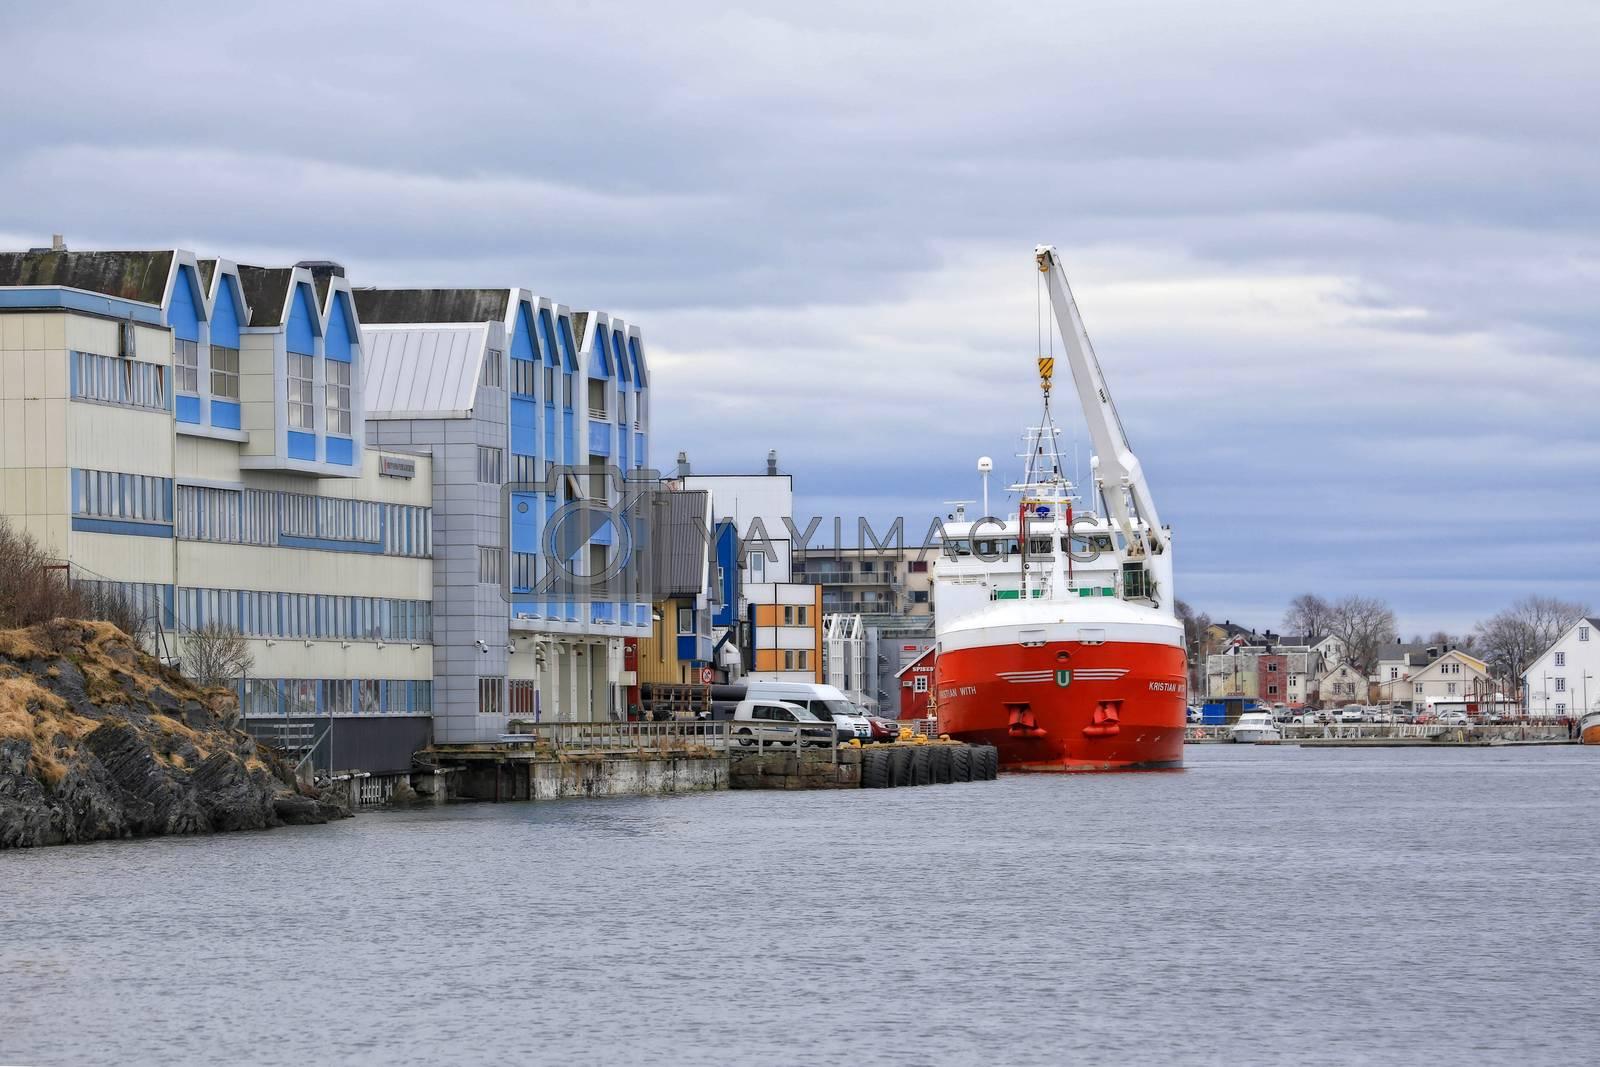 M.s Kristian With  losser i Brønnøysund - Vaagland Båtbyggeri AS på Nordmøre overleverte byggenummer 136 M/S «Kristian With» på ca. 2.737 tdw og 4345 m3 reeferkapasitet til Egil Ulvan Rederi AS